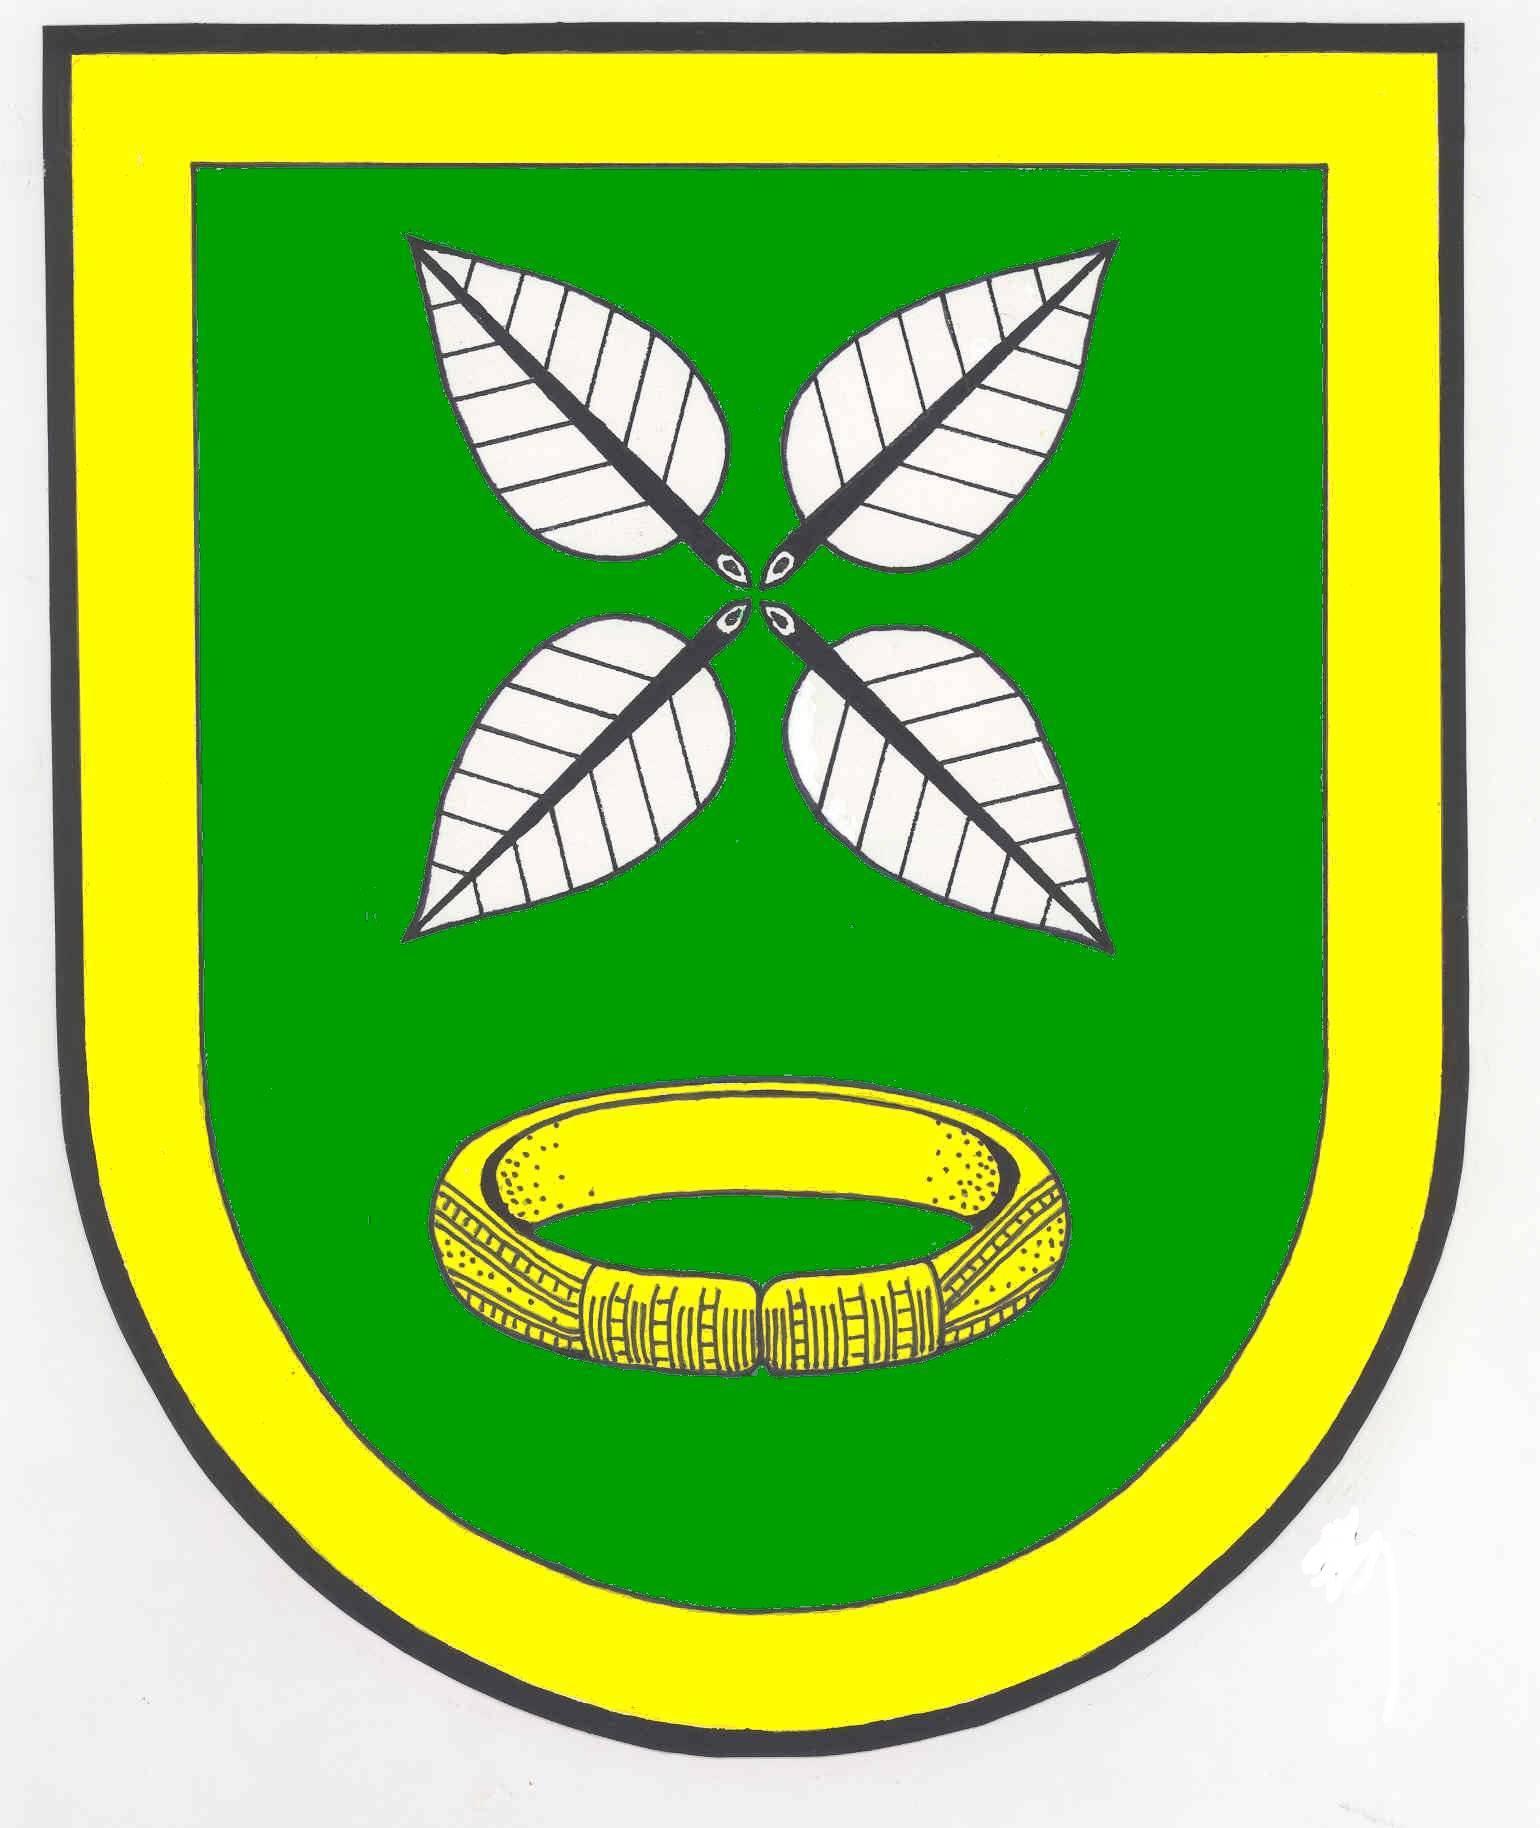 Wappen GemeindeBasedow, Kreis Herzogtum Lauenburg